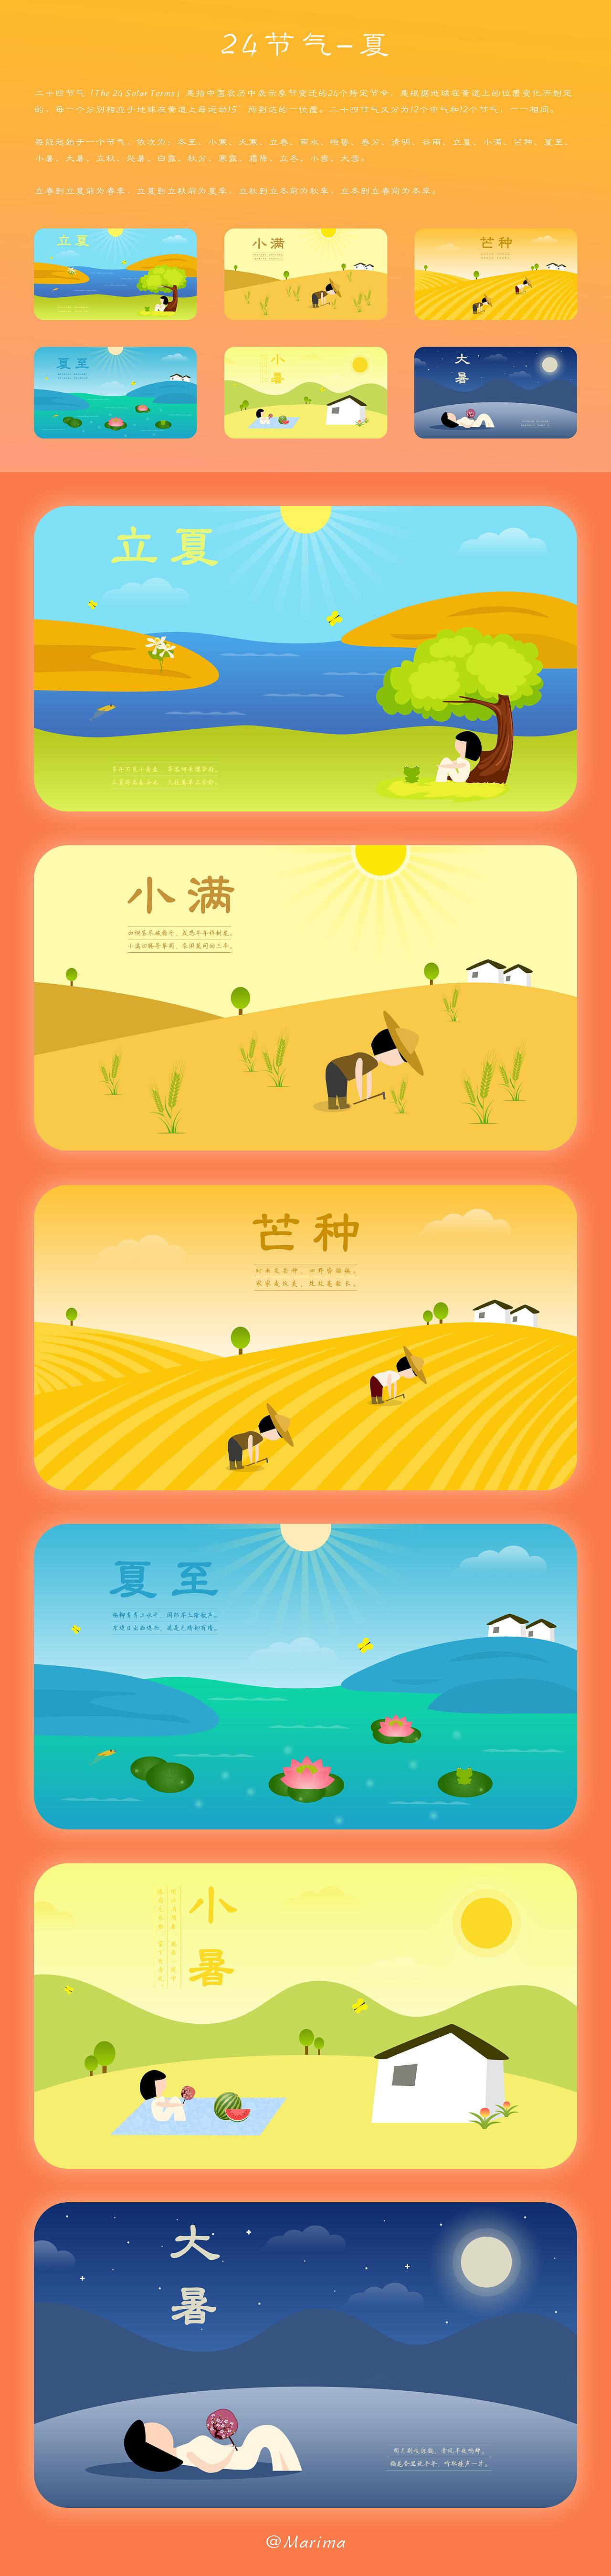 手绘24节气-夏(原创)